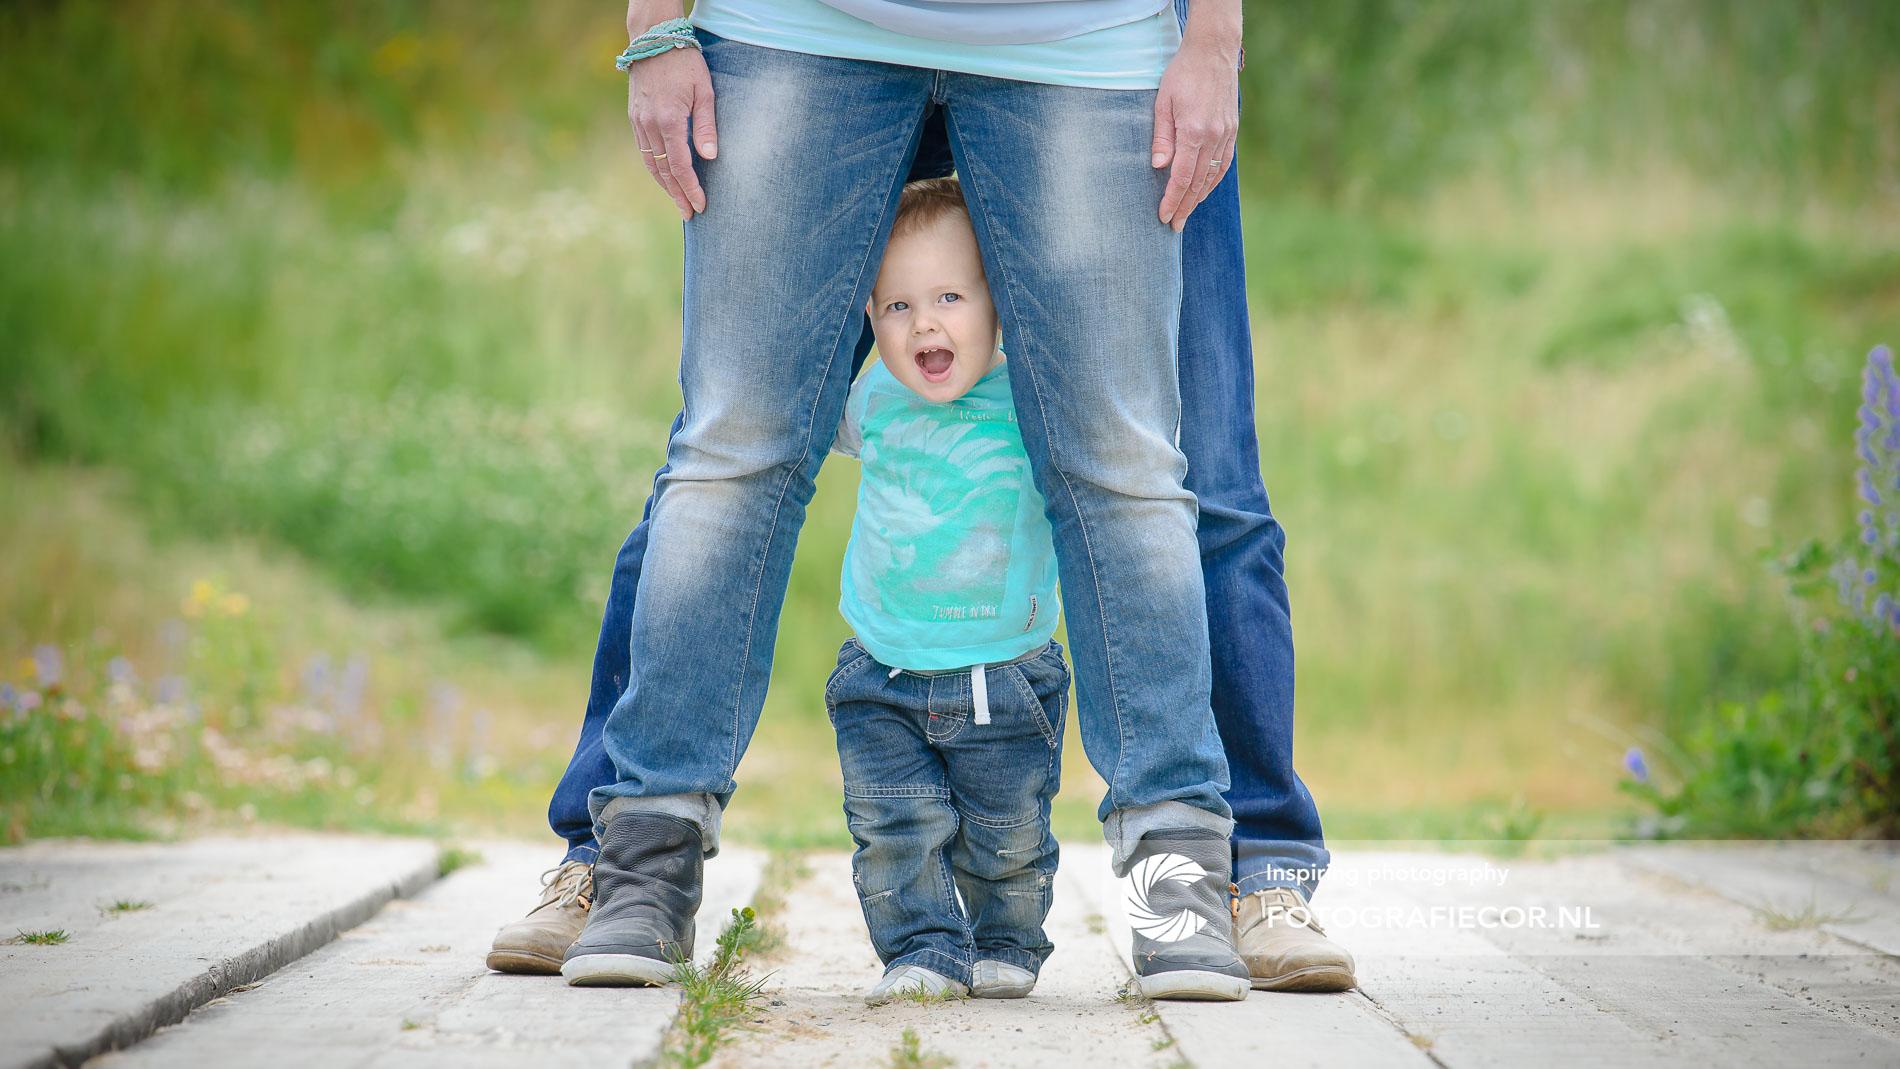 Gezinsfoto | Nieuwsgierige kleine meid | doorkijk tussen de benen | Gezinsfoto